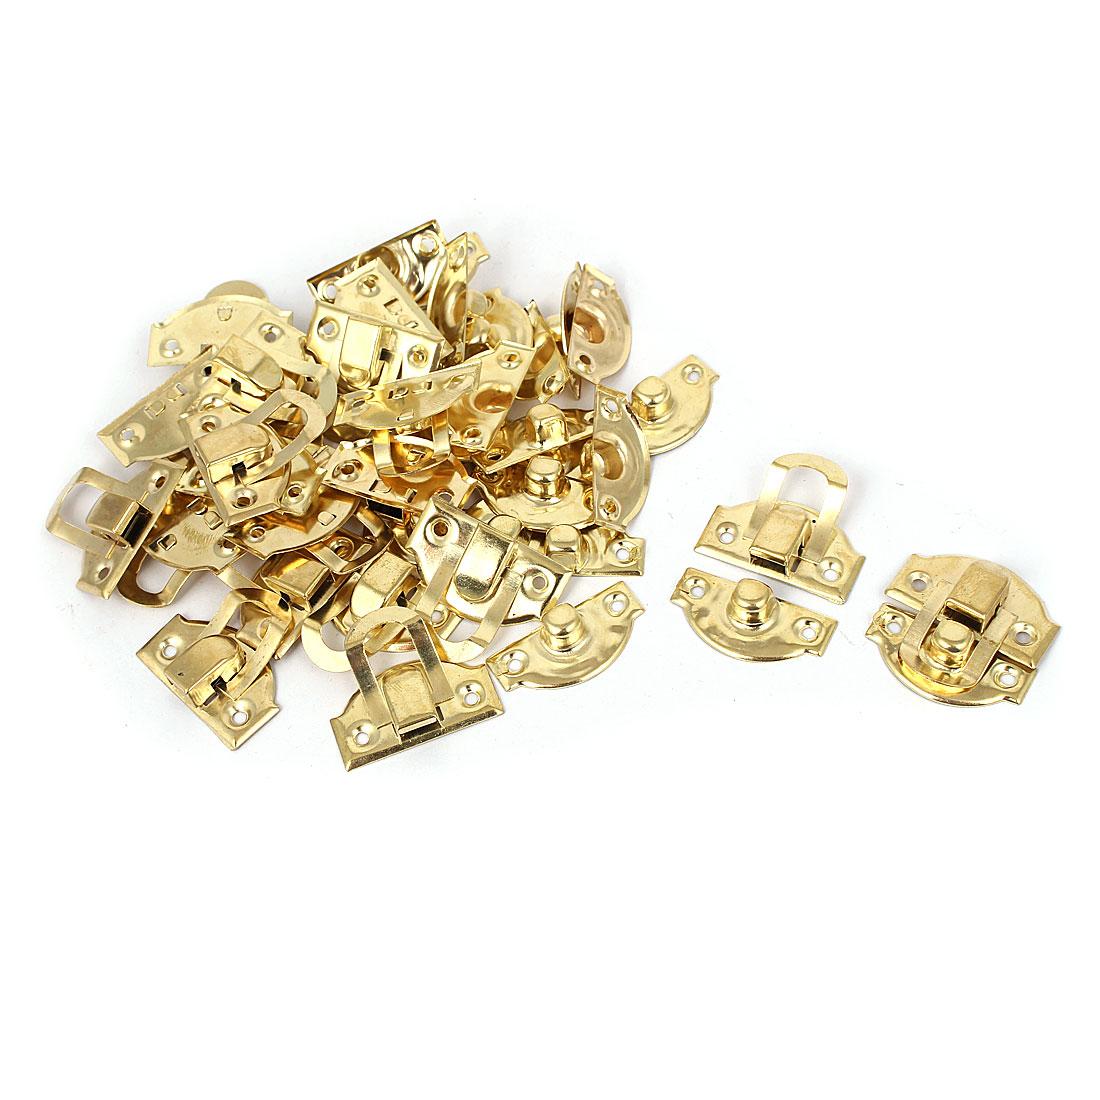 Metal 29mm x 27mm Box Decorative Lock Hasp Toggle Latch Gold Tone 20pcs